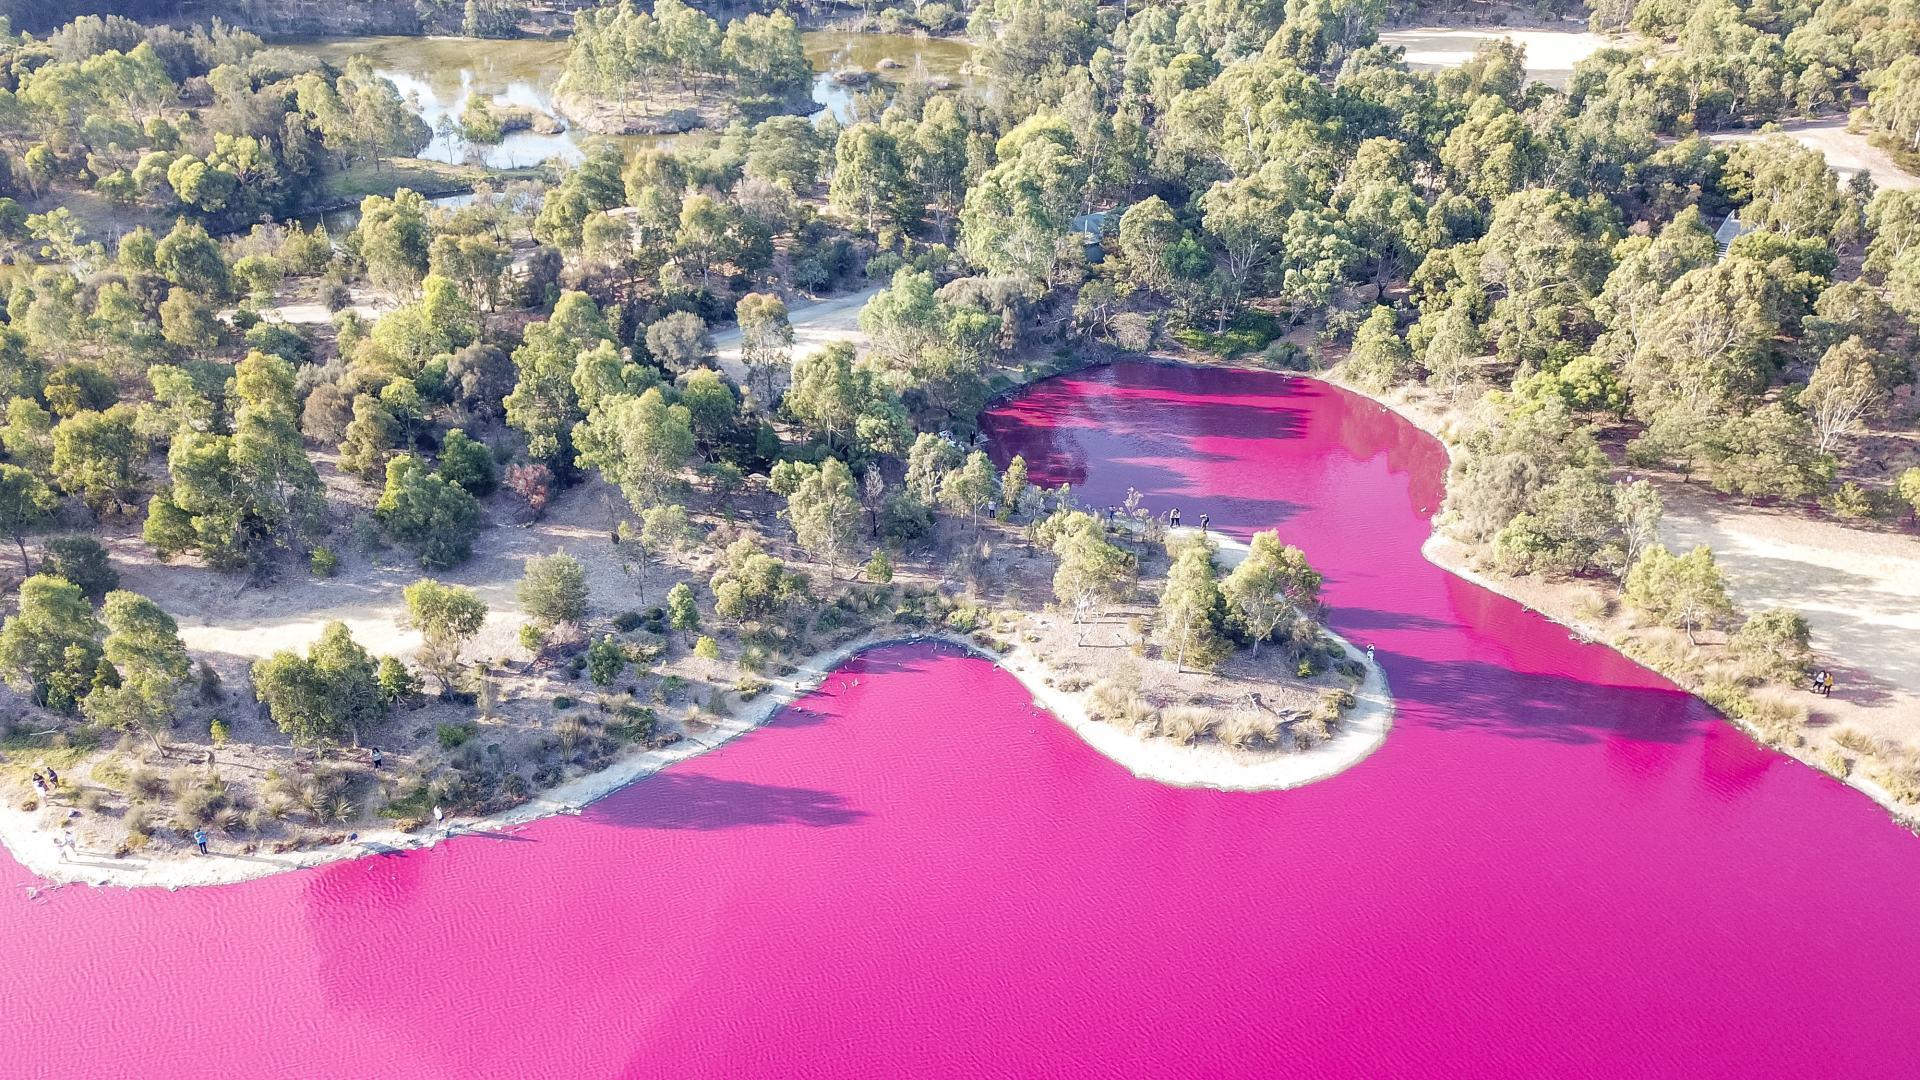 westgate park pink lake